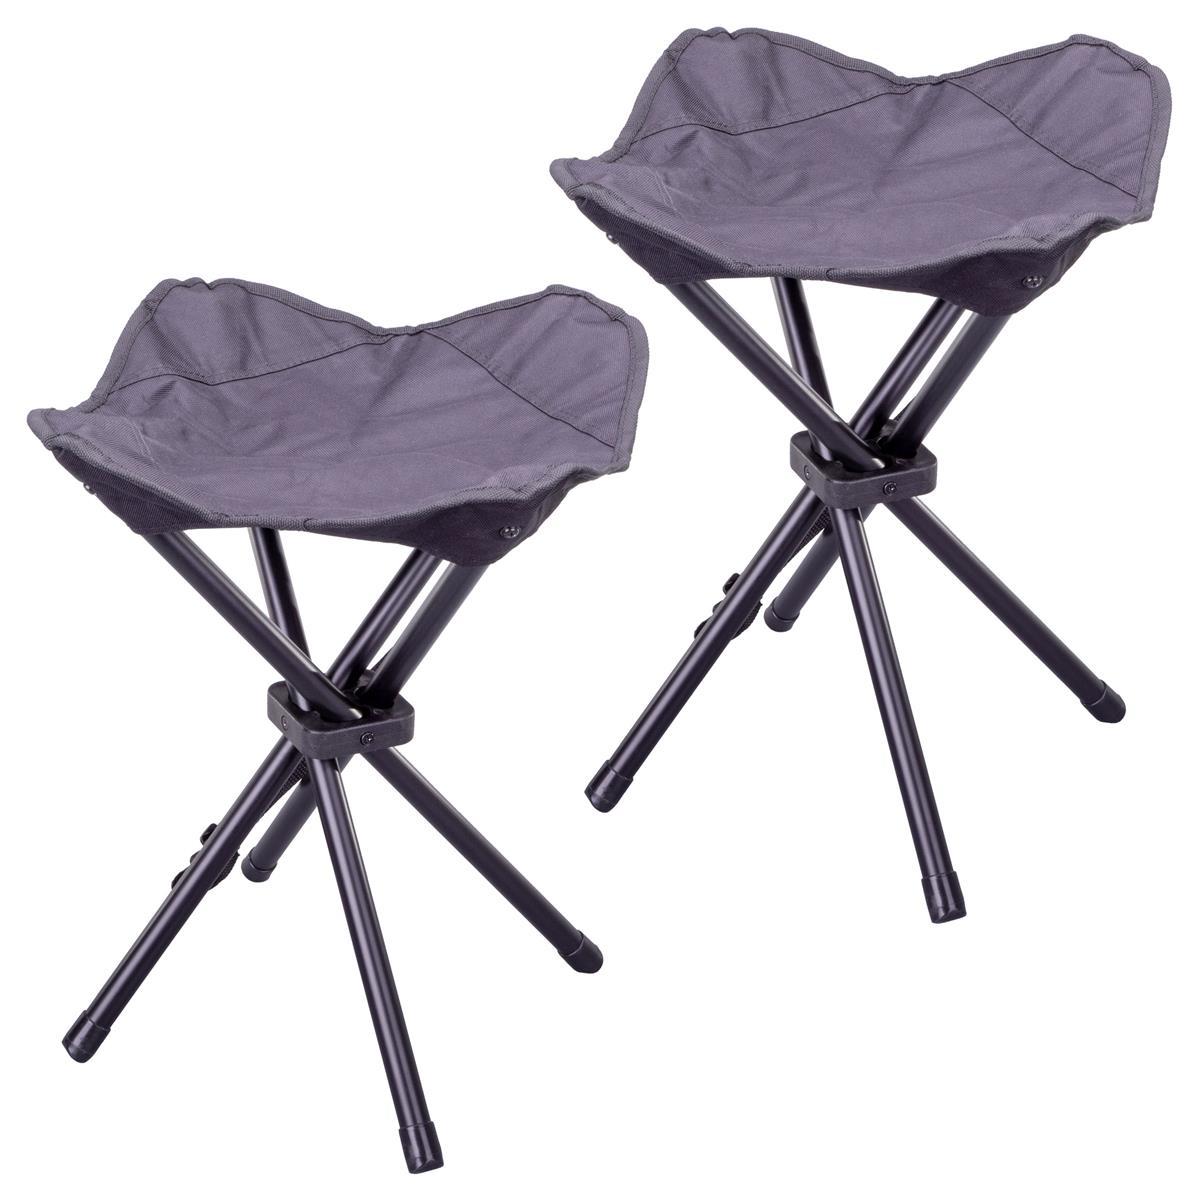 2er Set Sitzhocker Falthocker klappbar schwarz für Camping Angeln Wandern